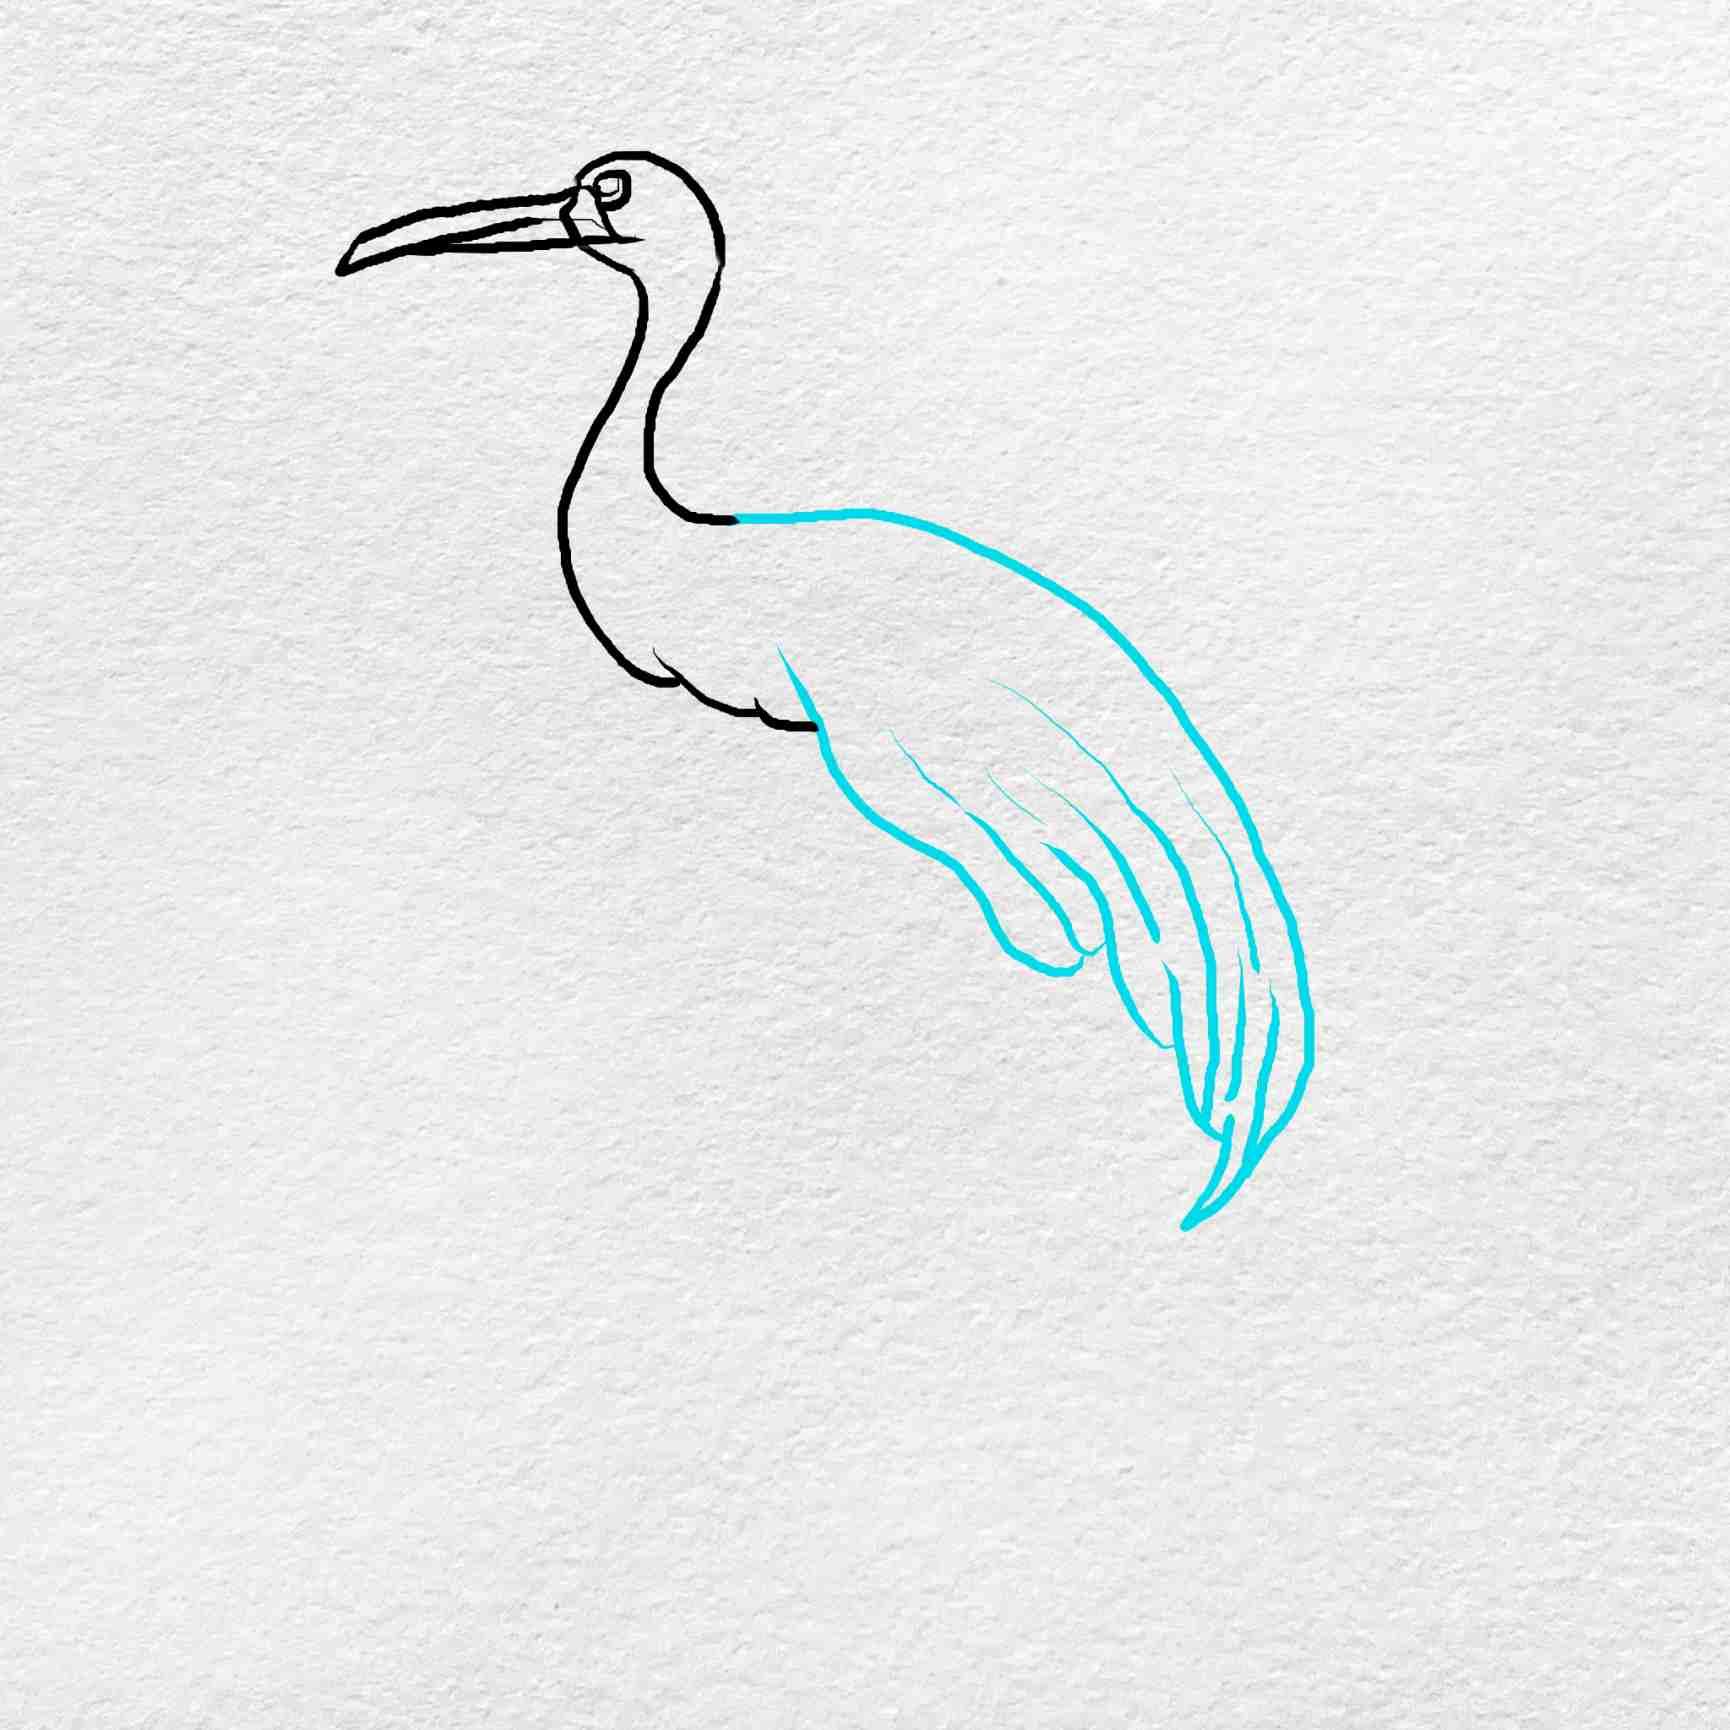 How To Draw A Crane: Step 4